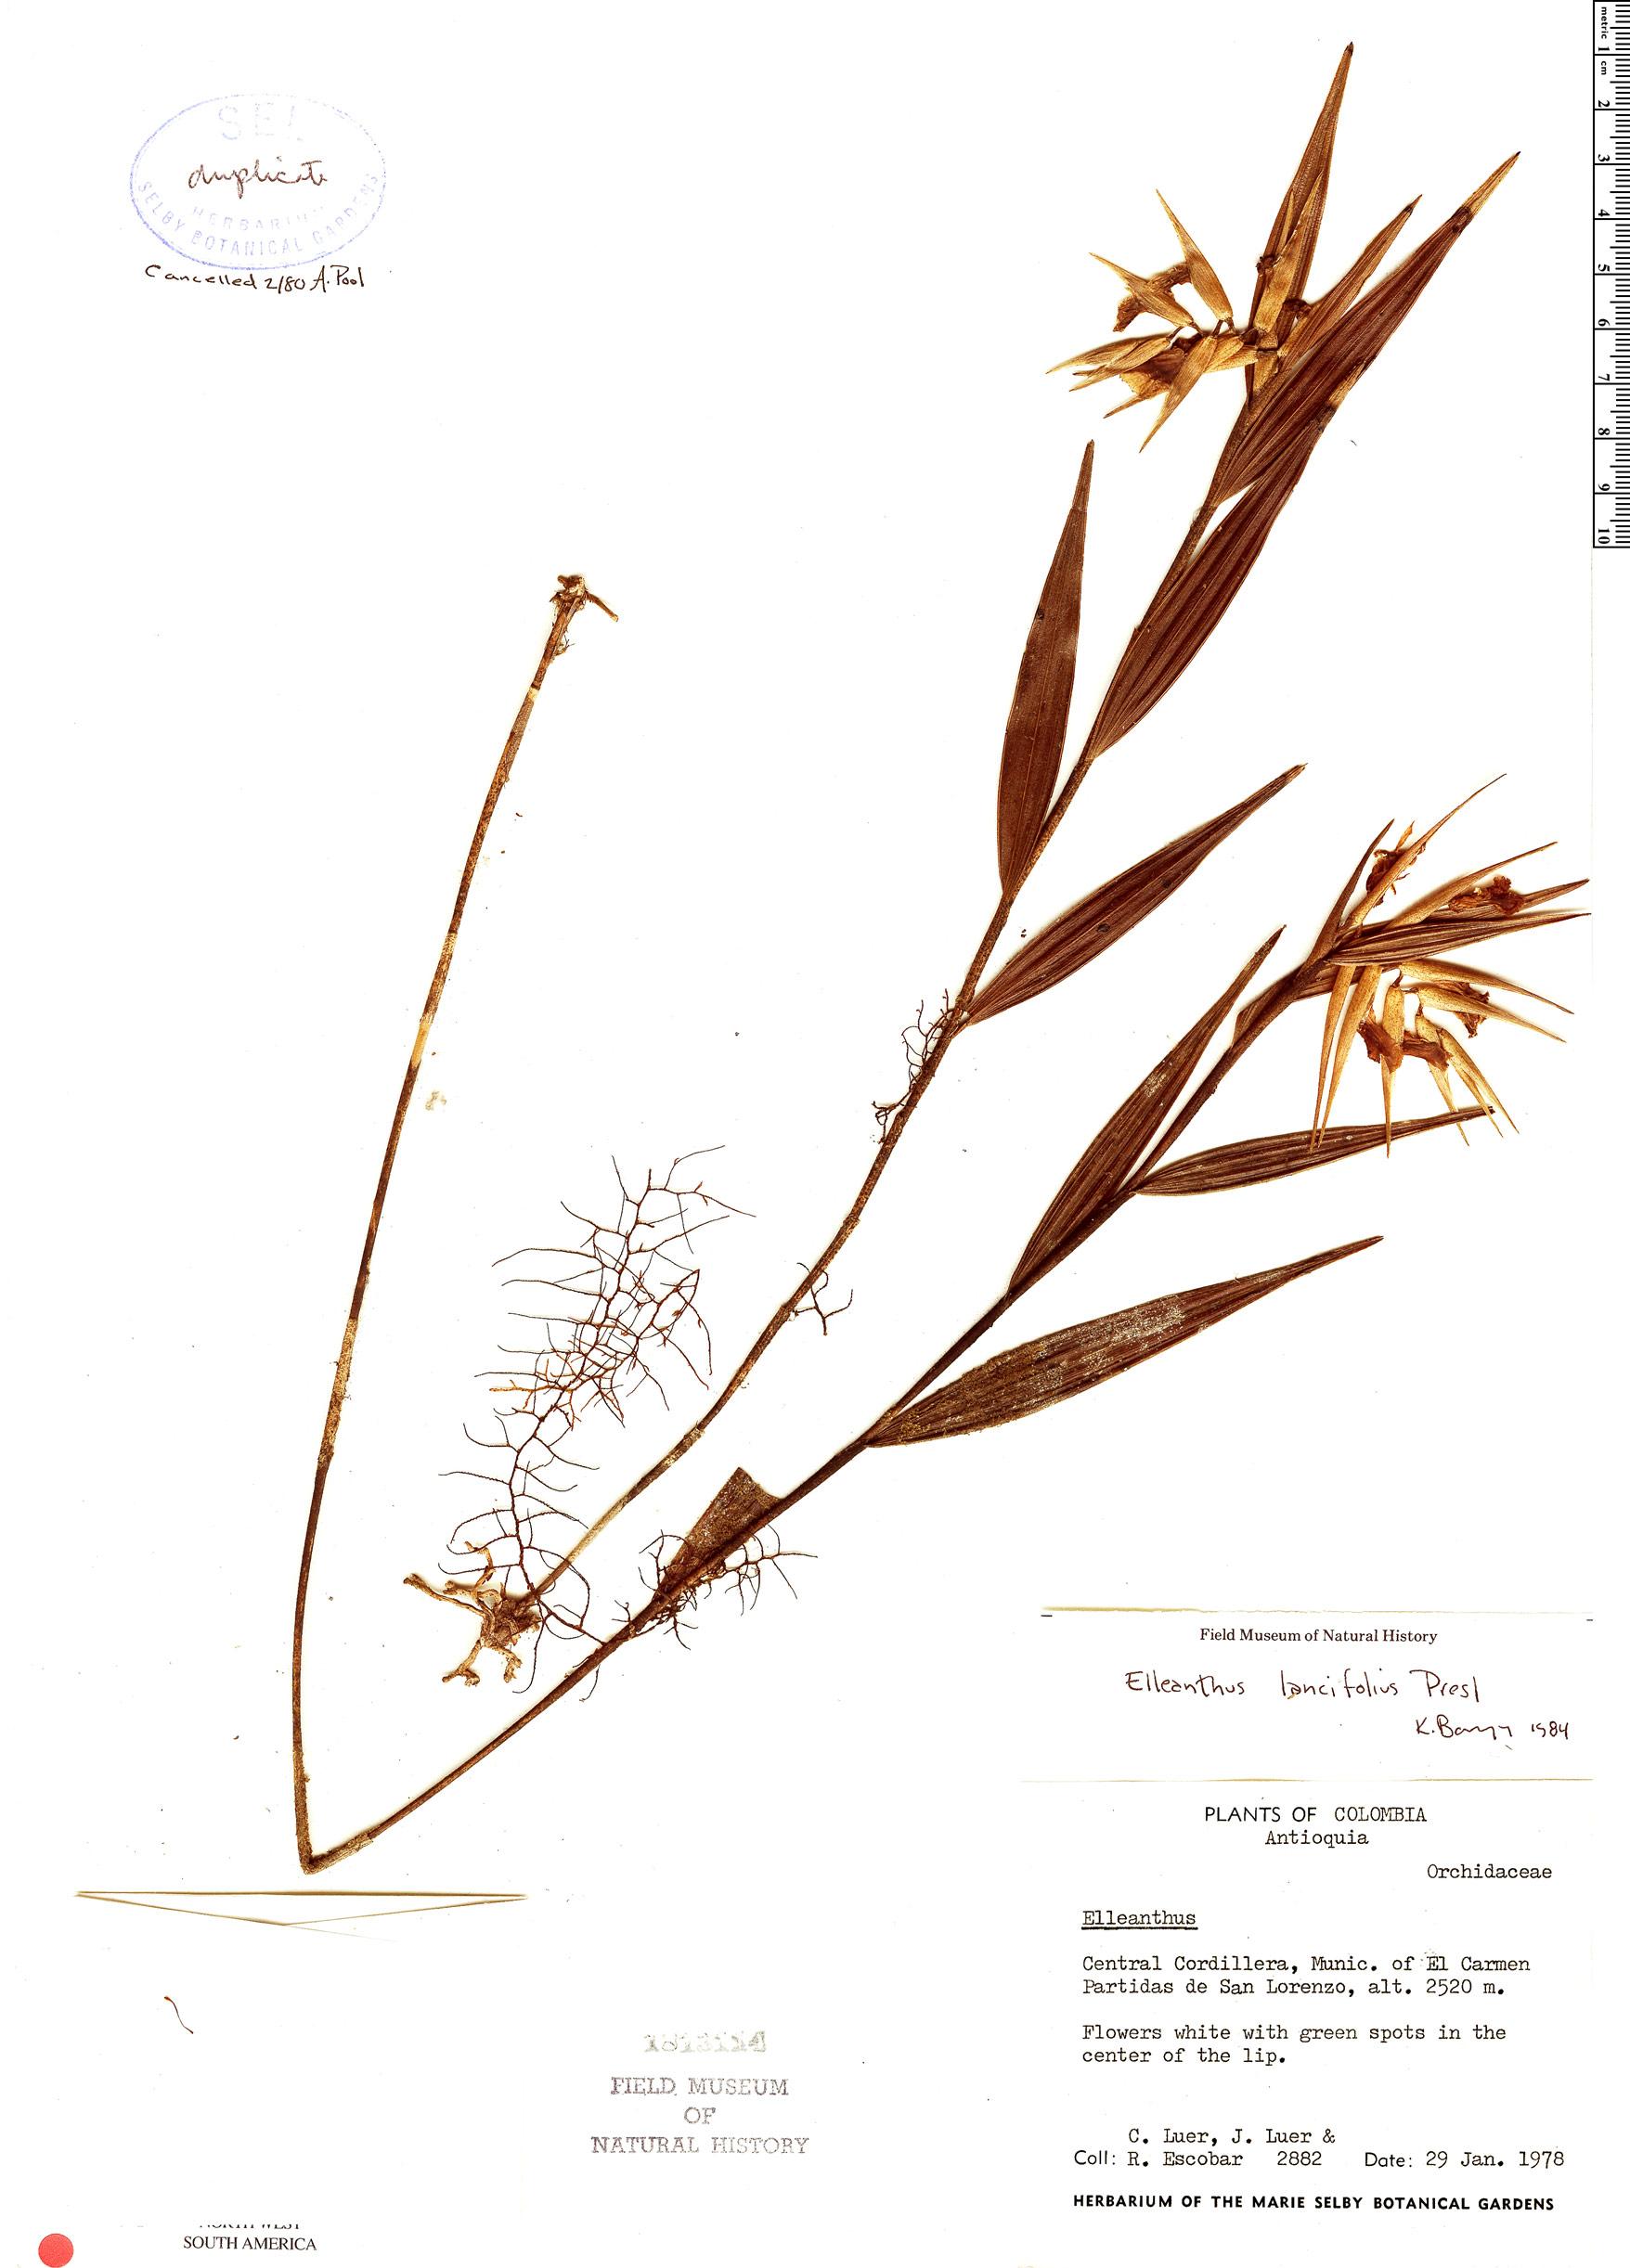 Specimen: Elleanthus lancifolius